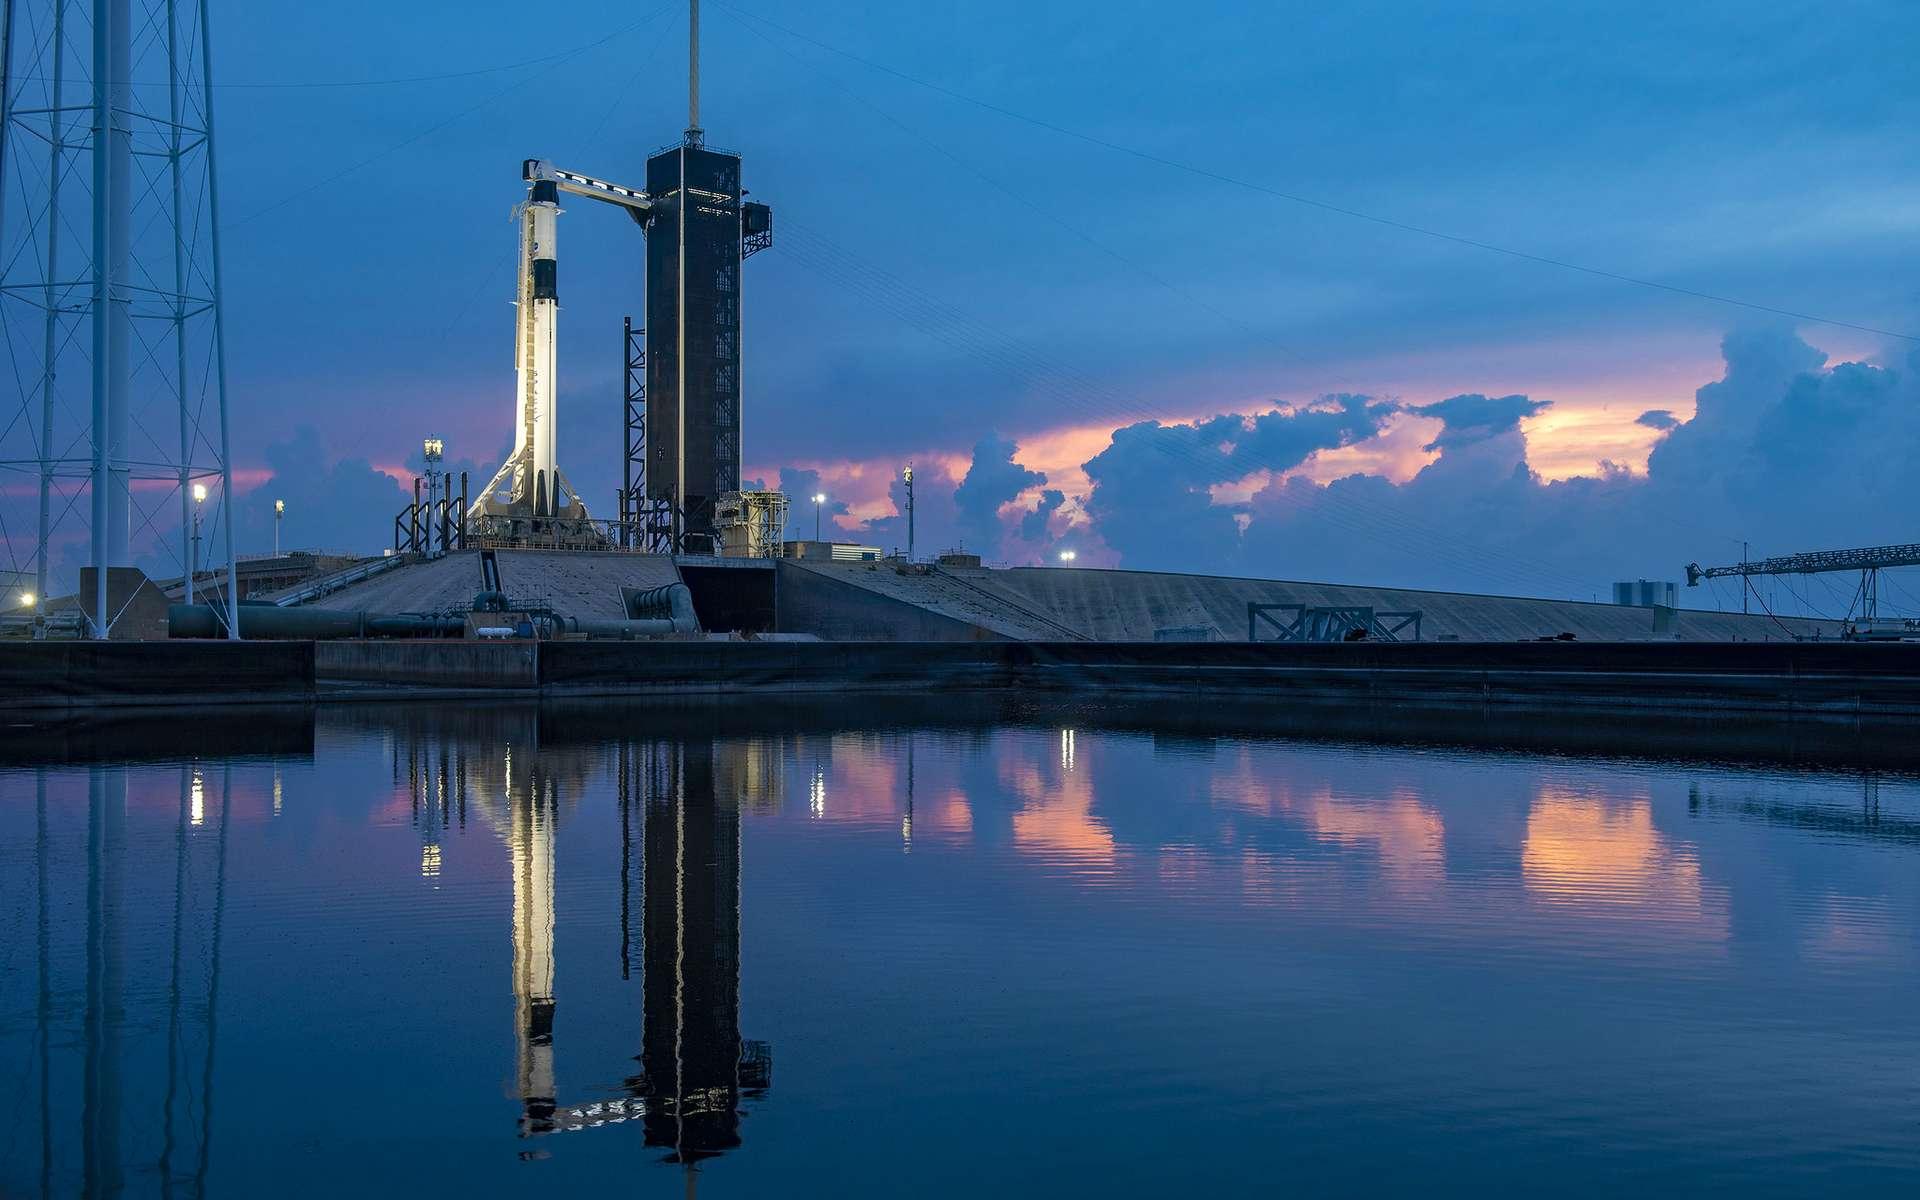 Le lanceur Falcon 9 et le Crew Dragon à son bord sur le pas de tir du complexe 39A de Cap Canaveral le 27 mai 2020. © SpaceX